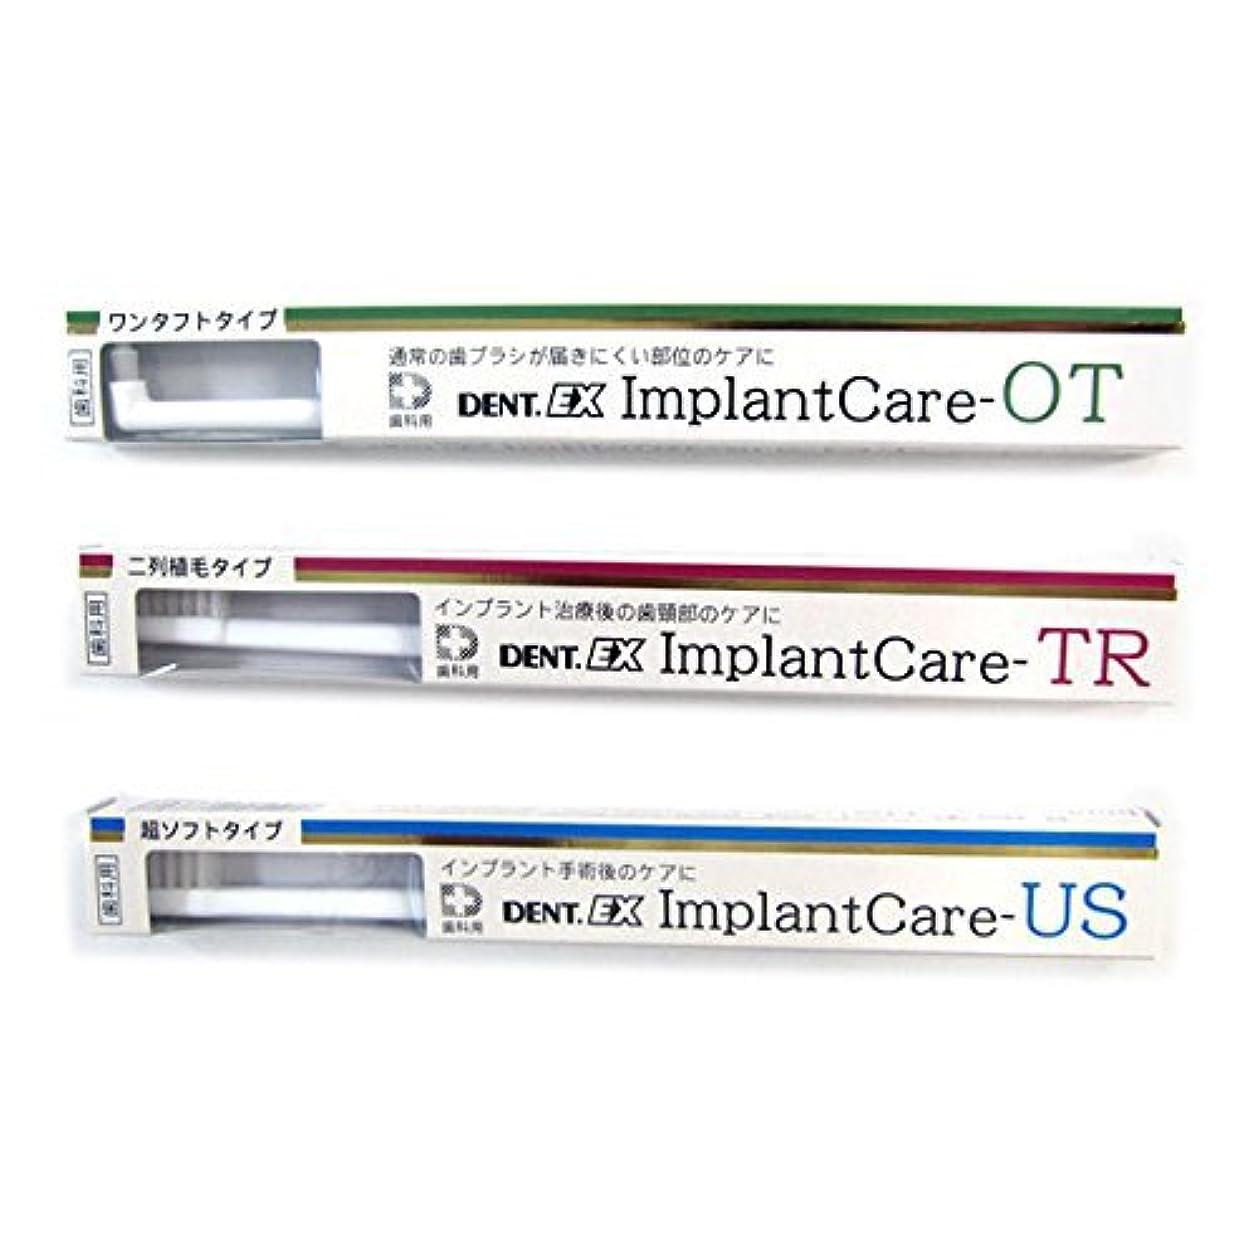 アイザックスキッパーパイントデント DENT EX ImplantCare インプラントケア 単品 TR(二列)